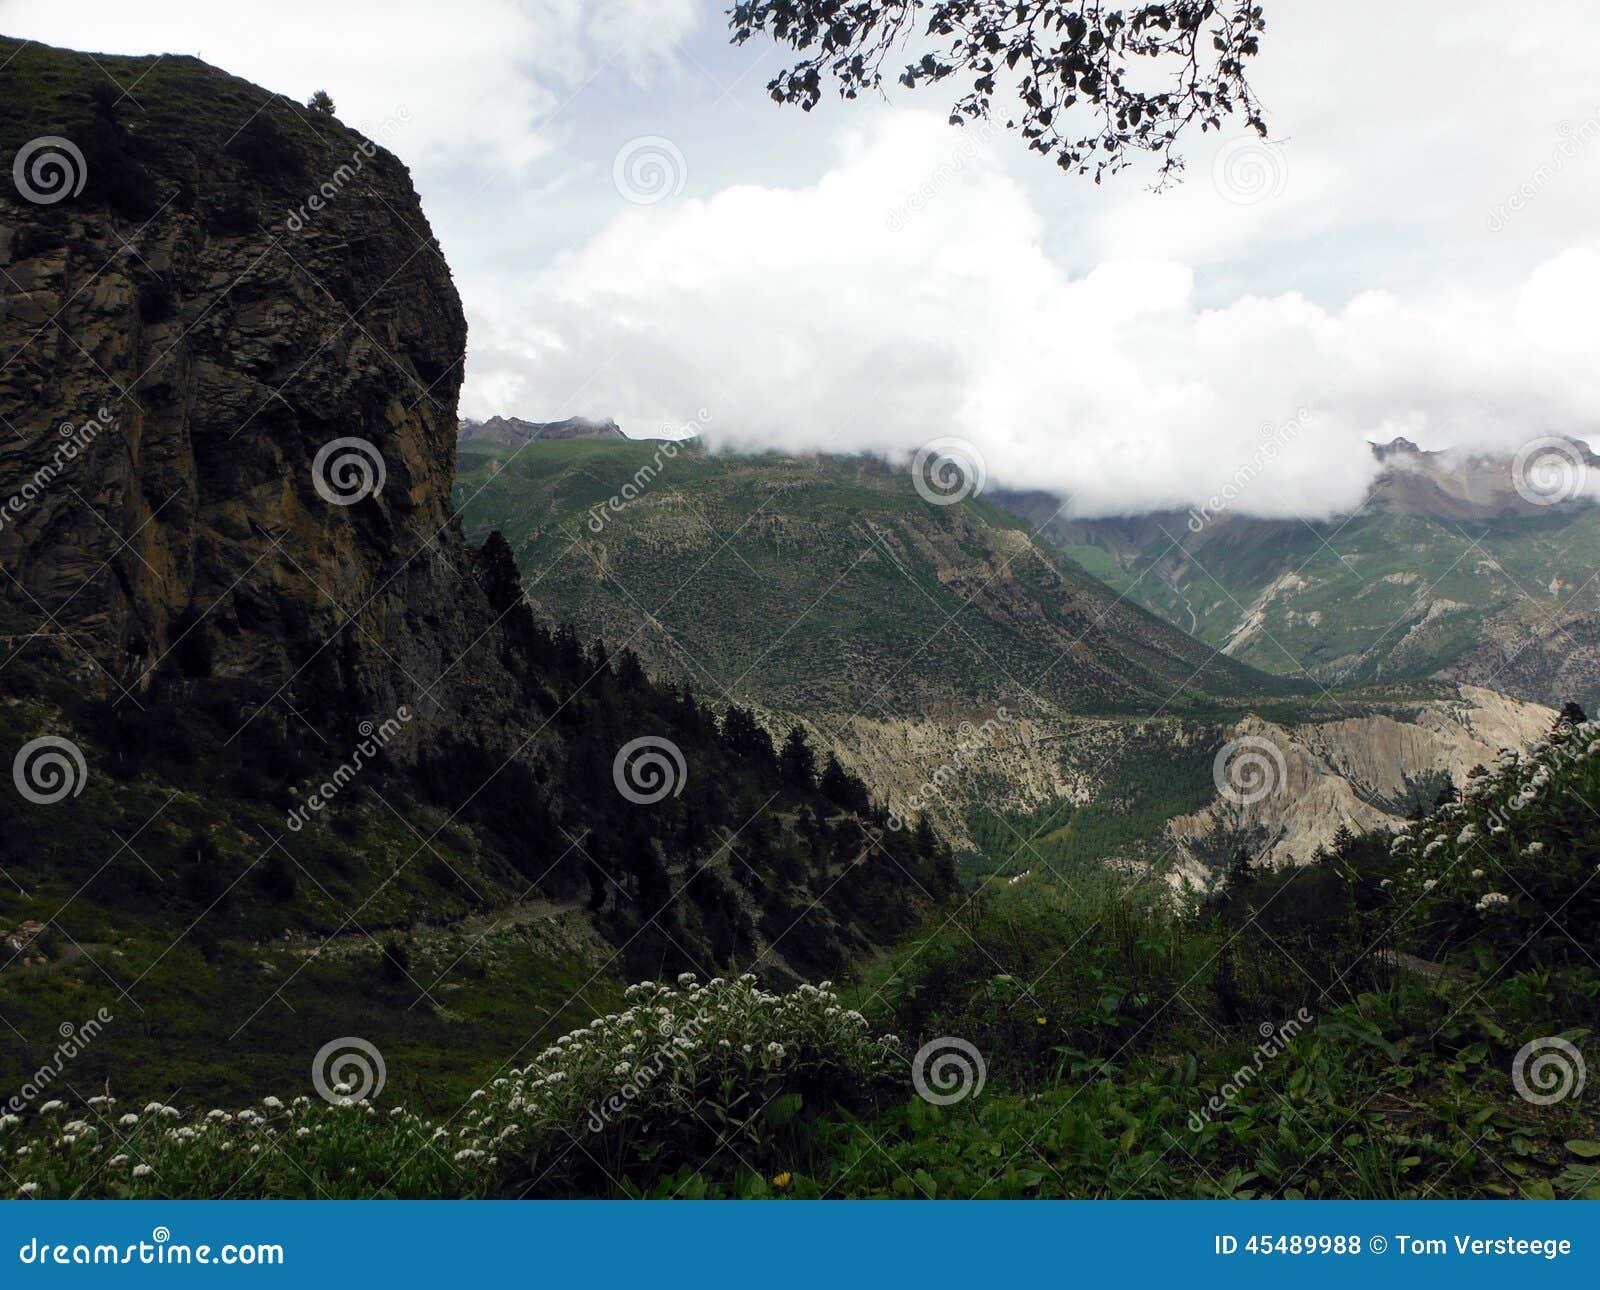 高风景喜马拉雅背包徒步旅行者的足迹